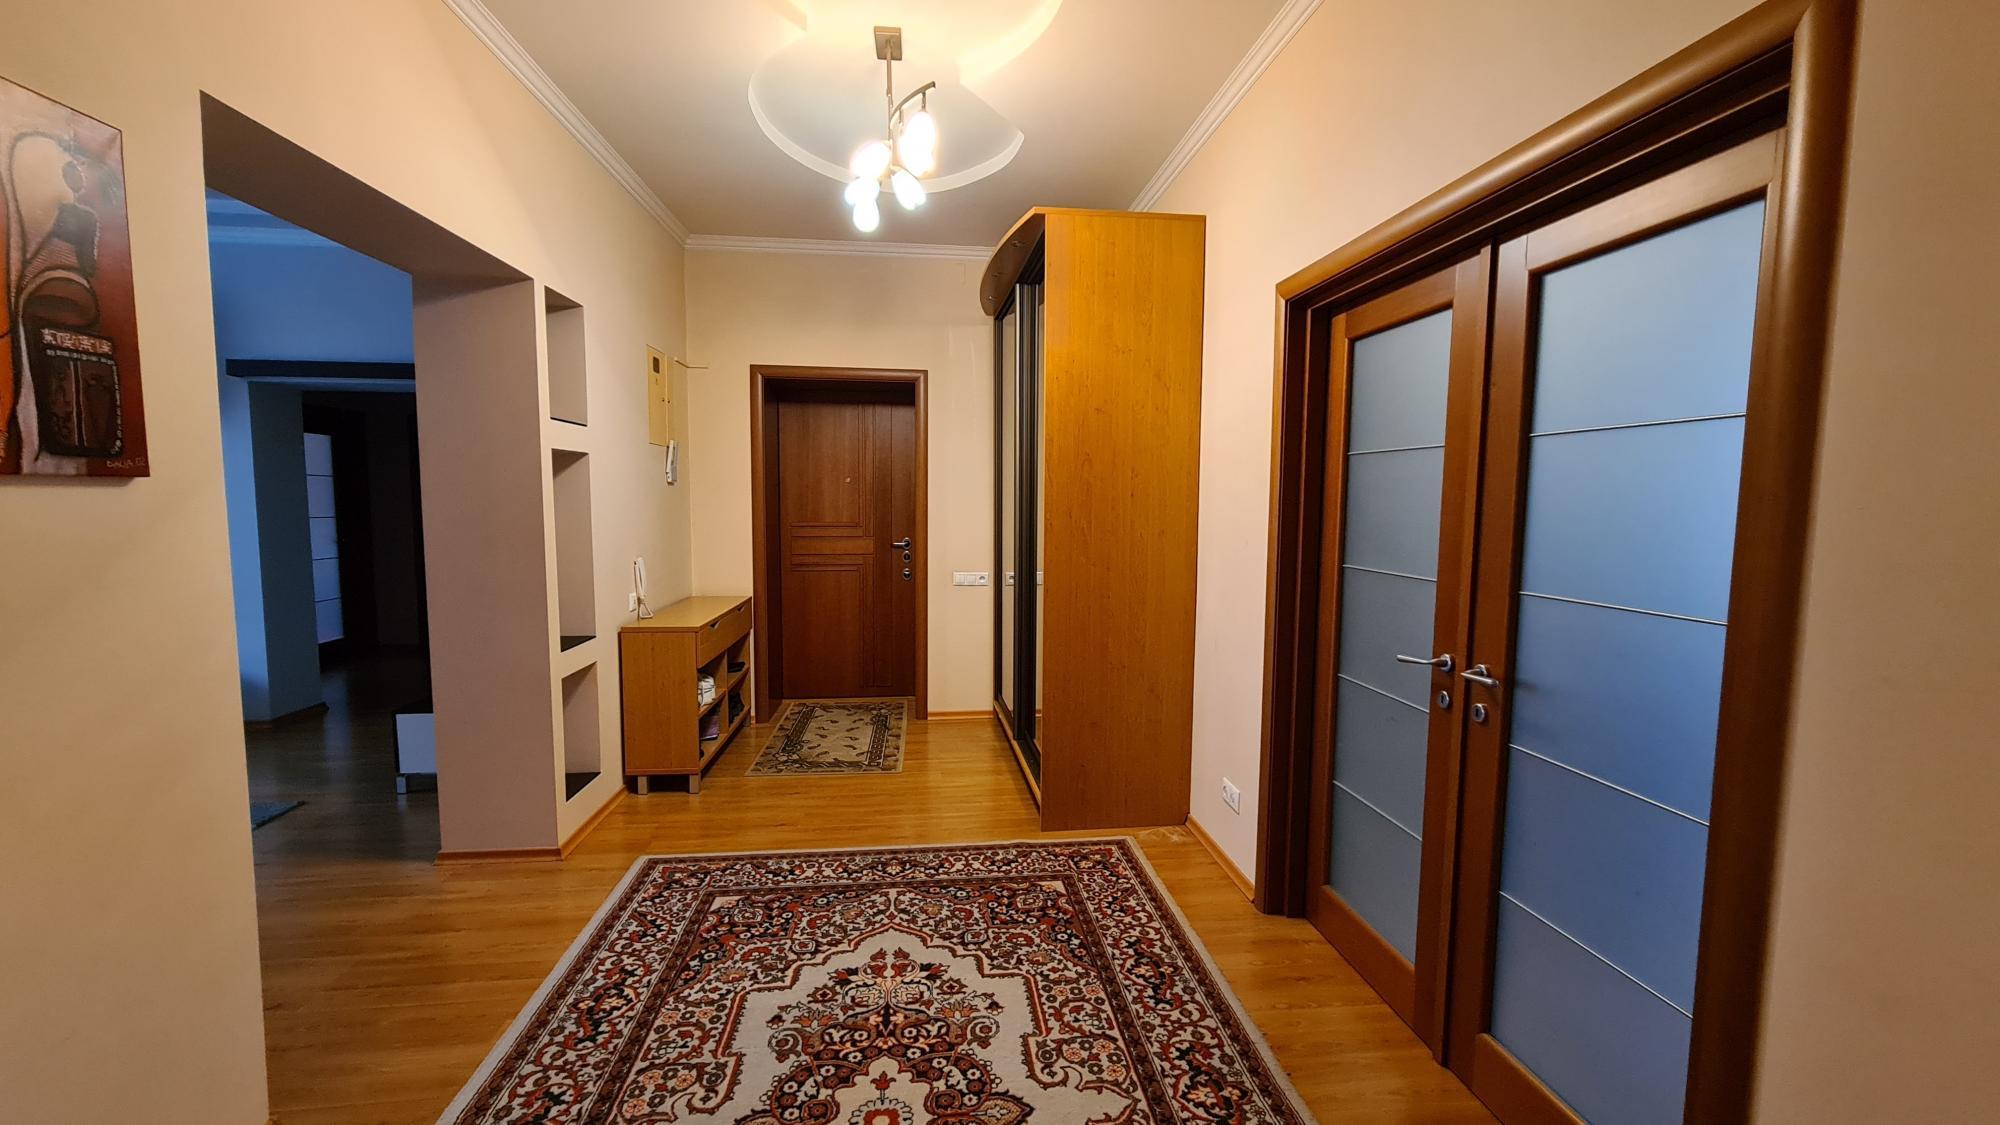 4к квартира улица Елены Стасовой, 25Г | 70000 | аренда в Красноярске фото 9